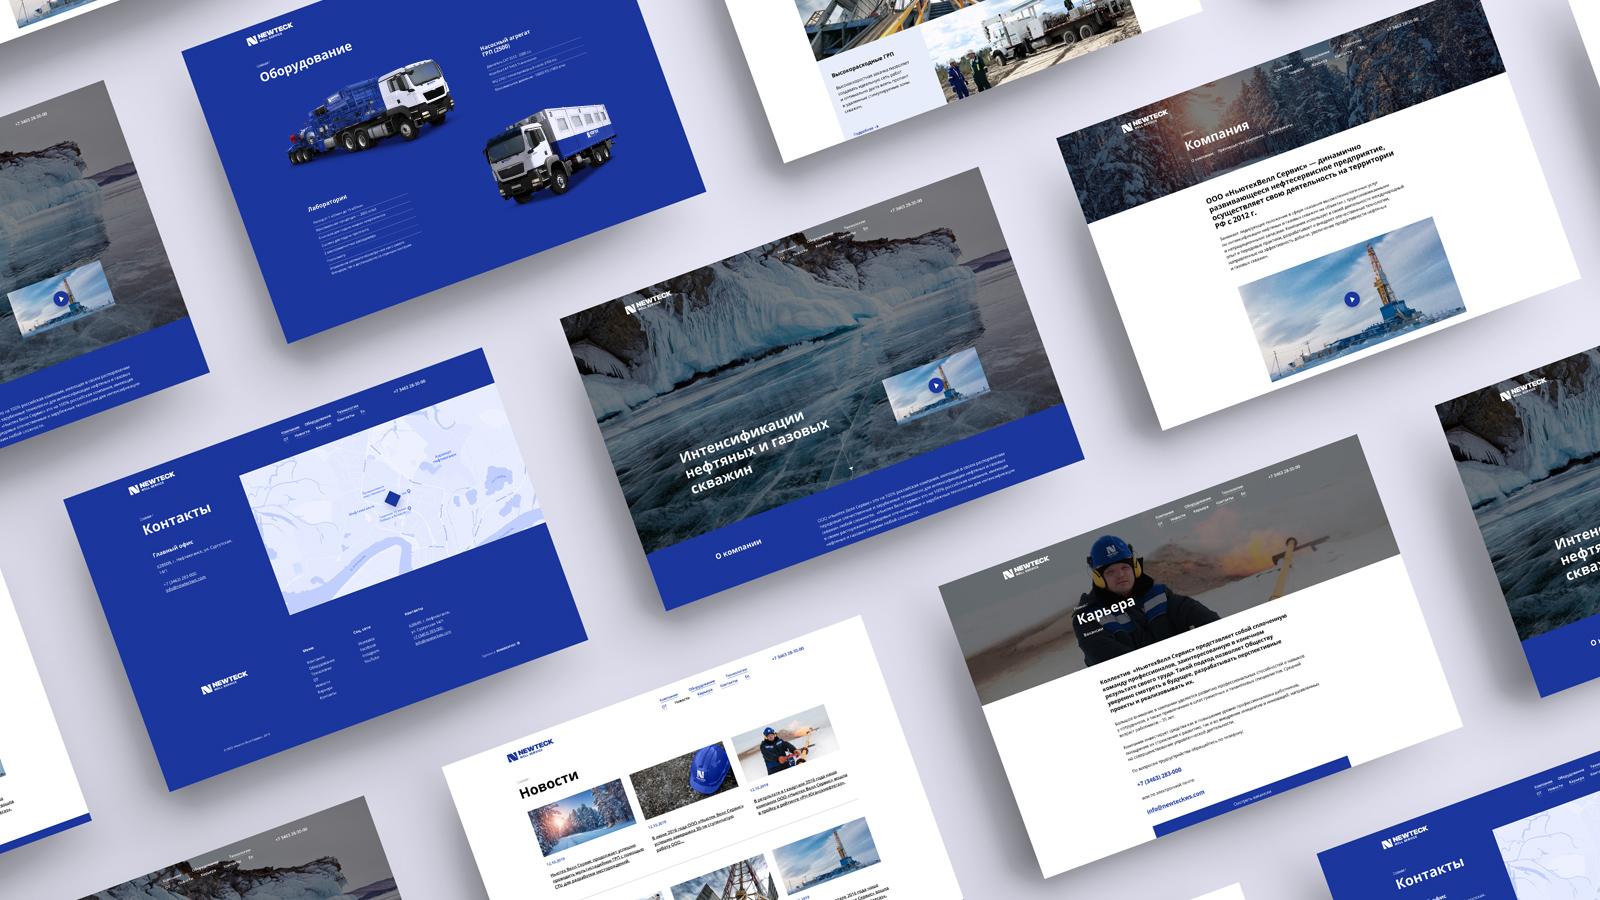 Профессиональная фотосъемка и корпоративное видео позволяют продемонстрировать масштаб компании, используемые технологии и оборудование